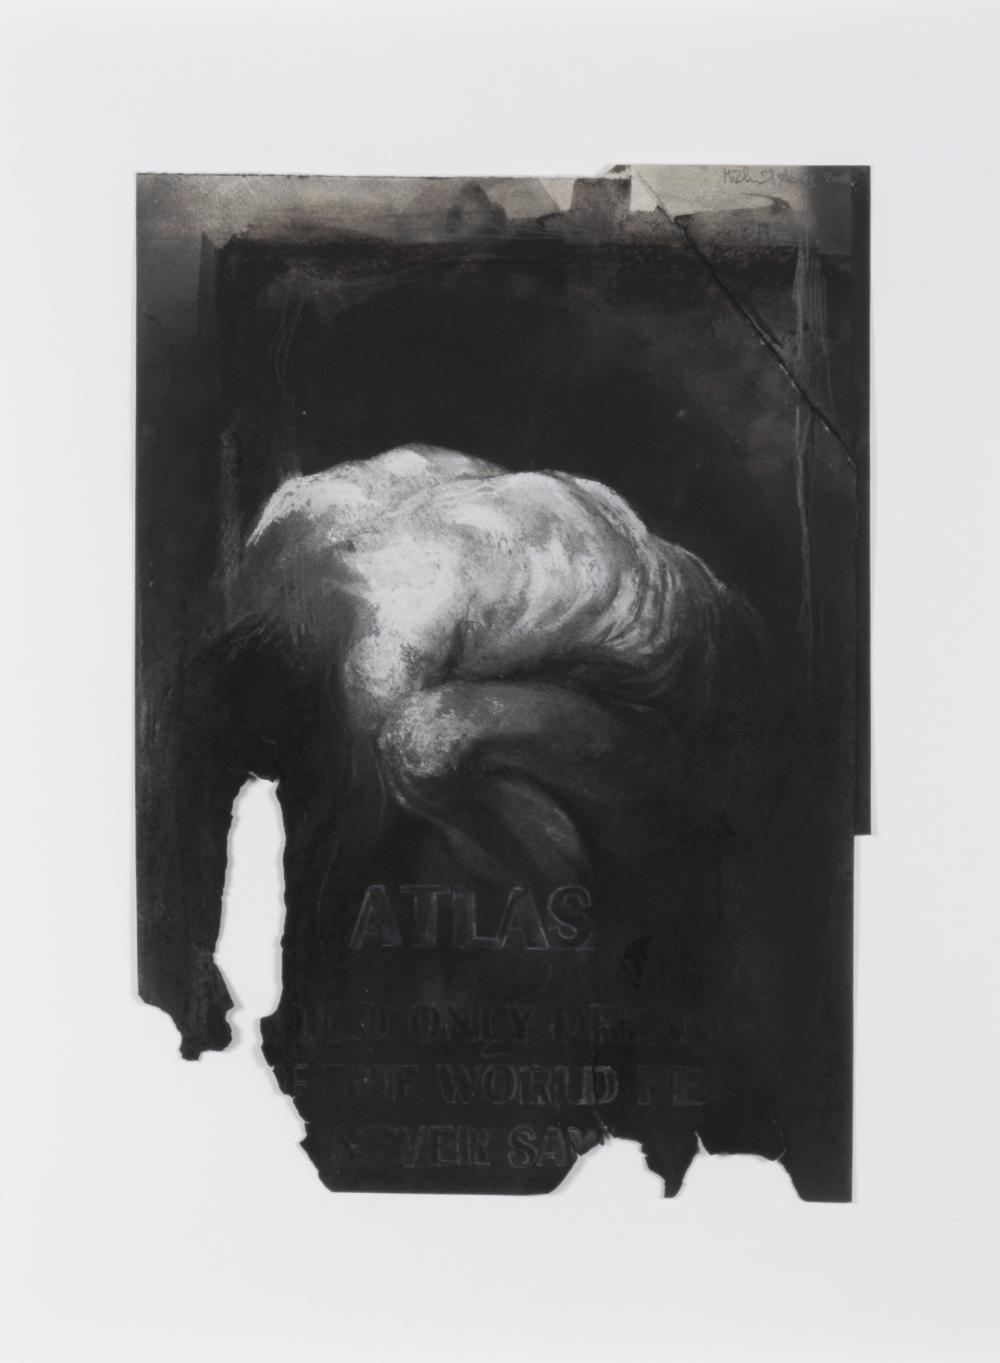 MICHAËL AERTS (NÉ EN 1979) - Atlas, 2011